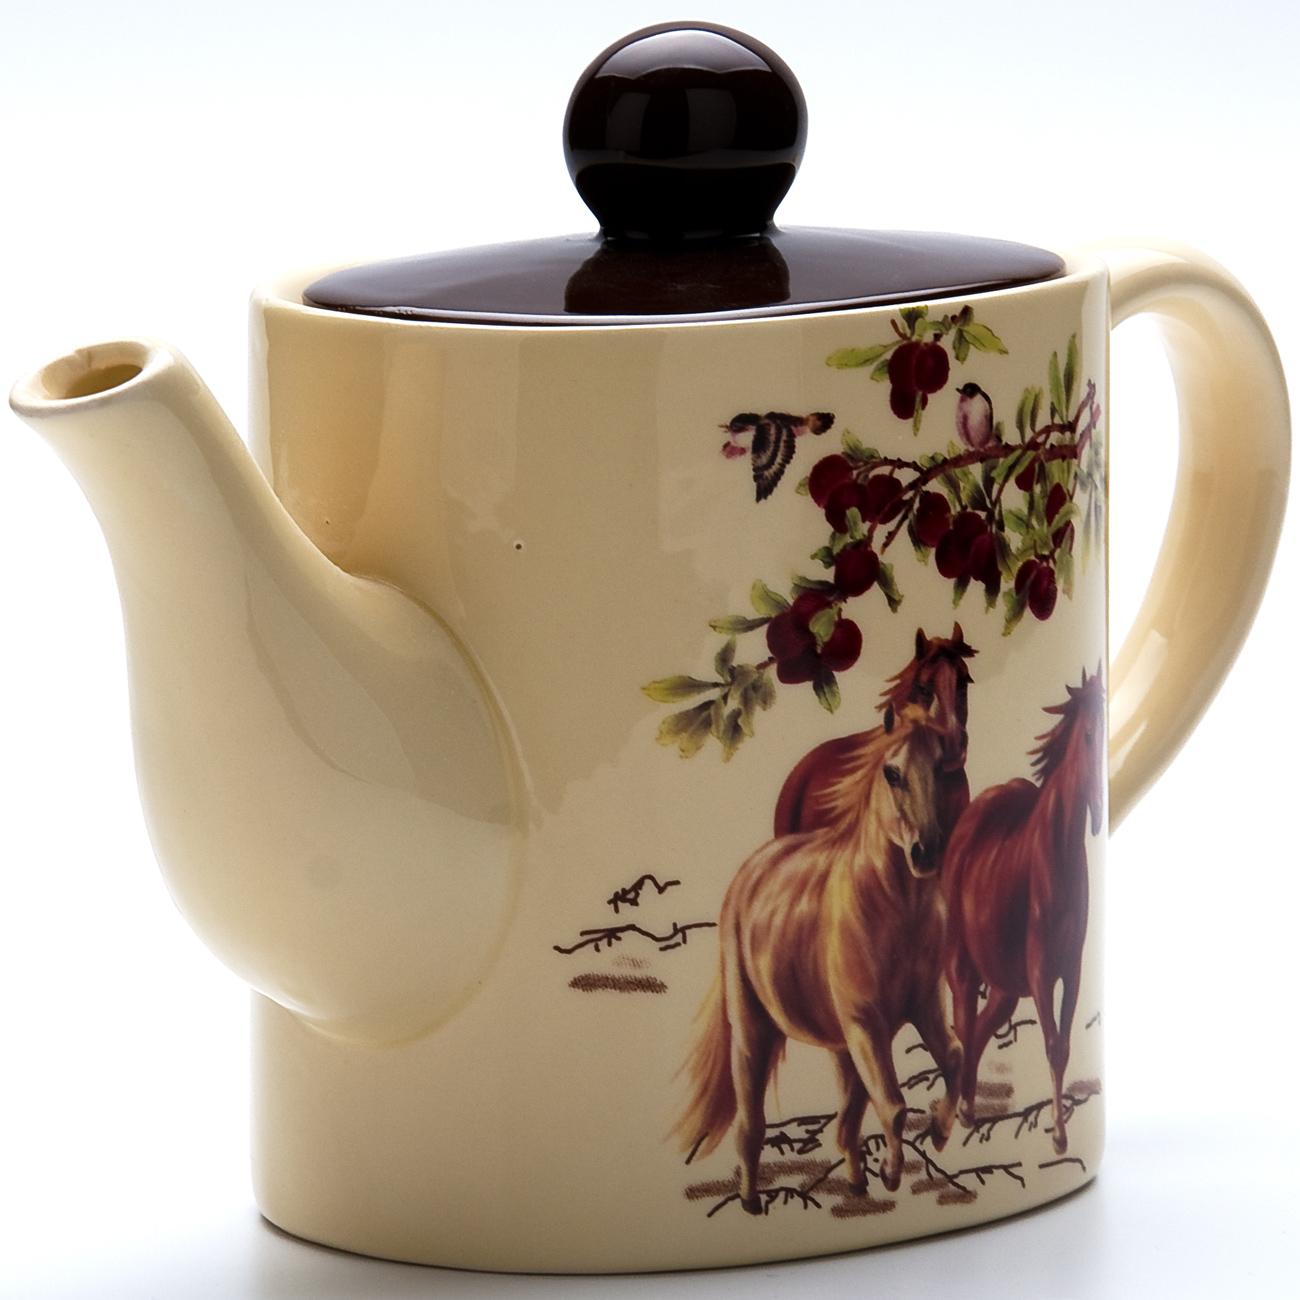 Чайник заварочный Loraine Лошадь, 830 мл. 2283622836Чайник заварочный Loraine Лошадь выполнен из доломита и имеет изящное оформлениие. Объем: 830 мл.